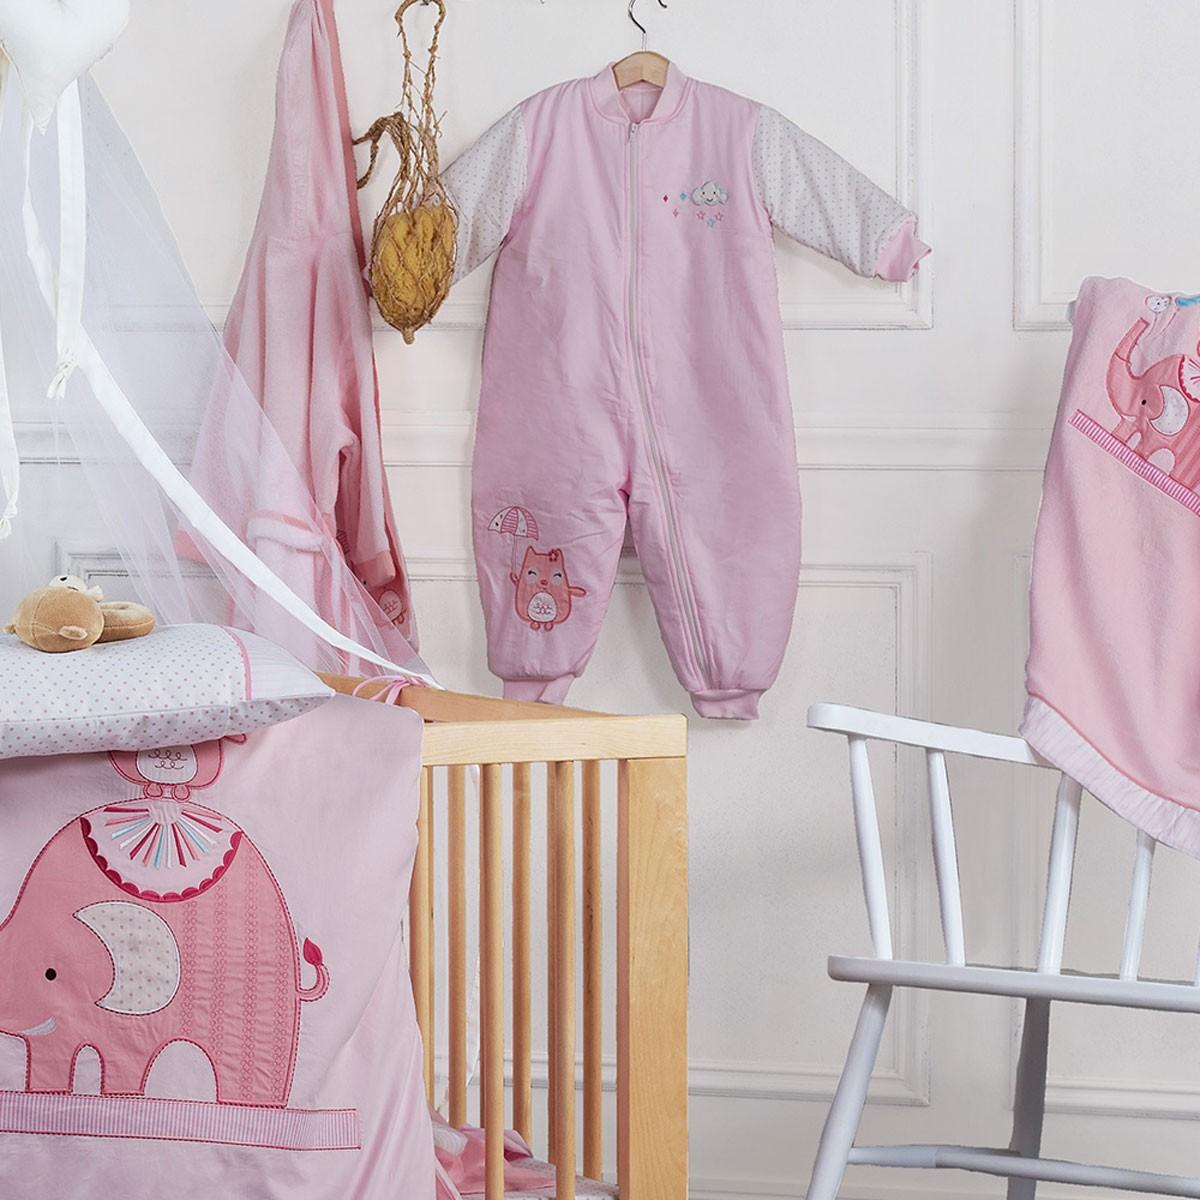 Υπνόσακος (6-12 μηνών) Kentia Baby Happy Time home   βρεφικά   υπνόσακοι βρεφικοί